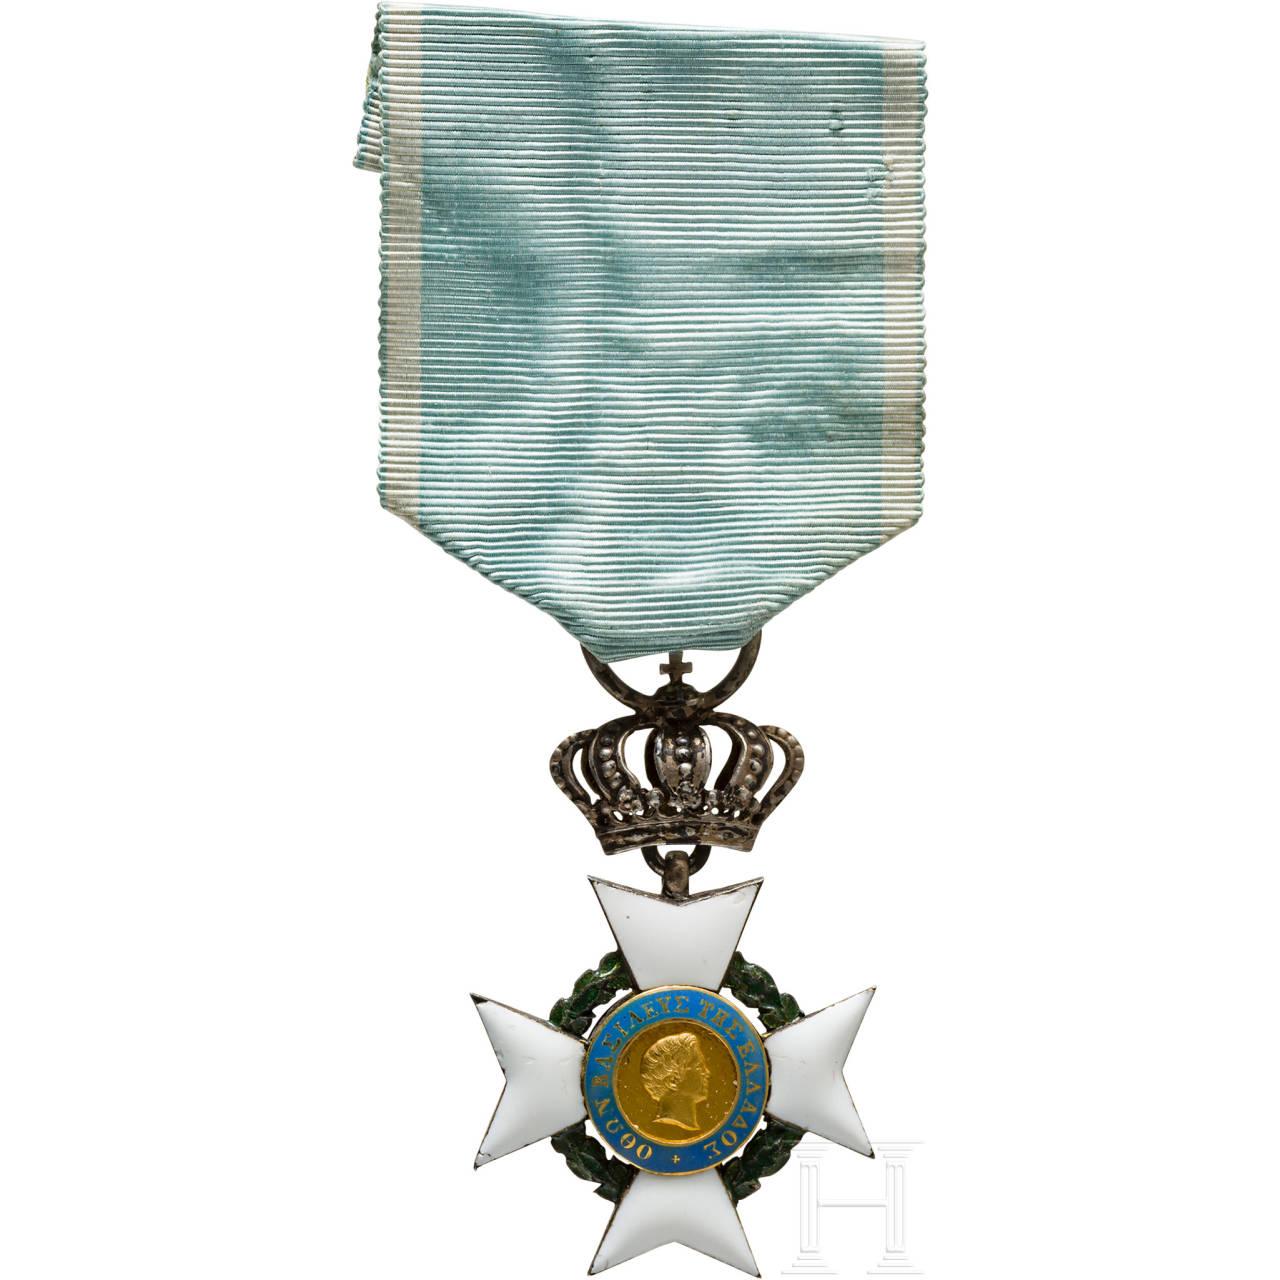 Königlicher Erlöserorden - Ritterkreuz in Silber (2. Klasse), 1. Modell, 1833-63